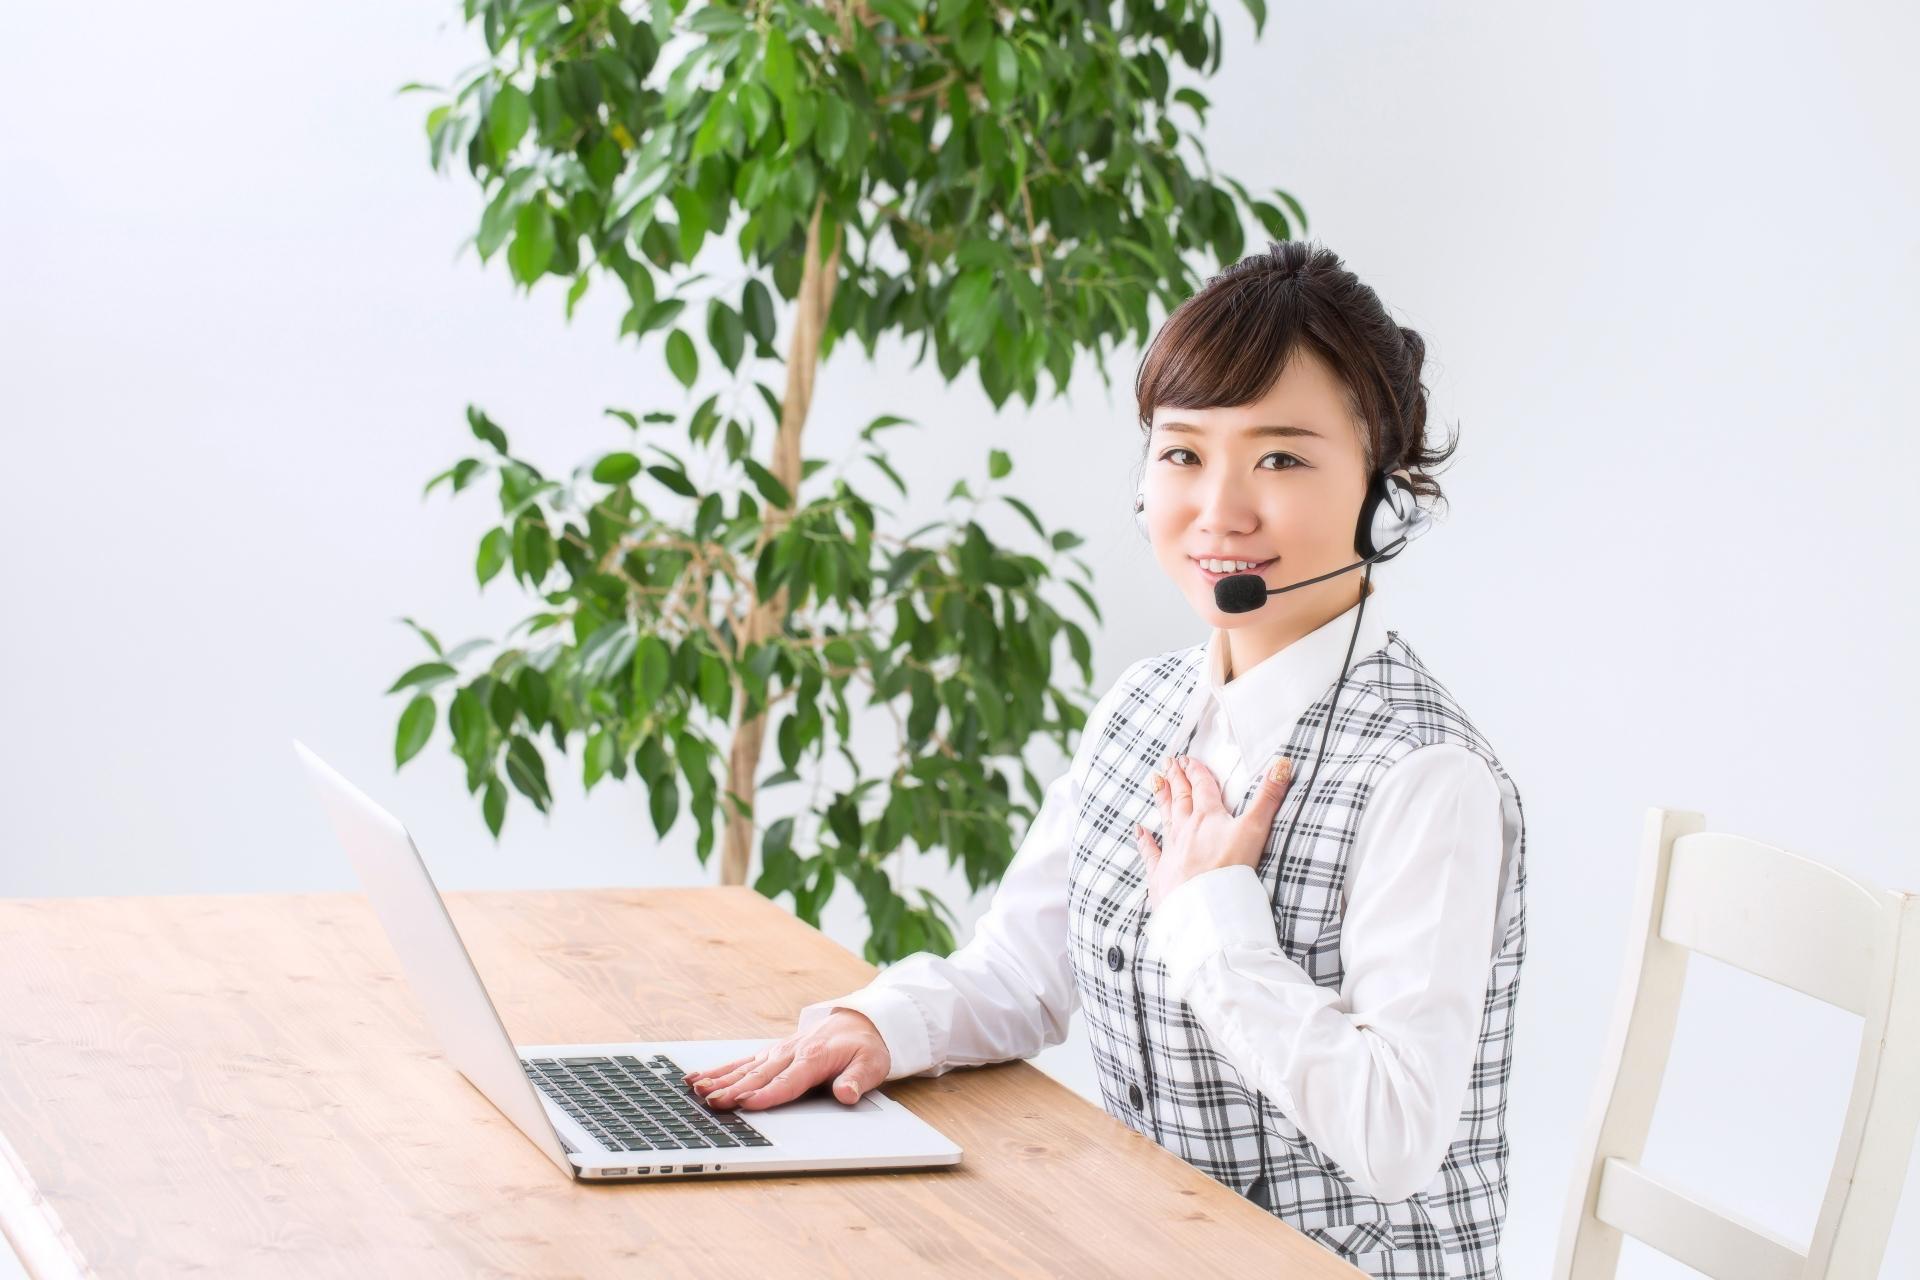 電話対応サービスの女性